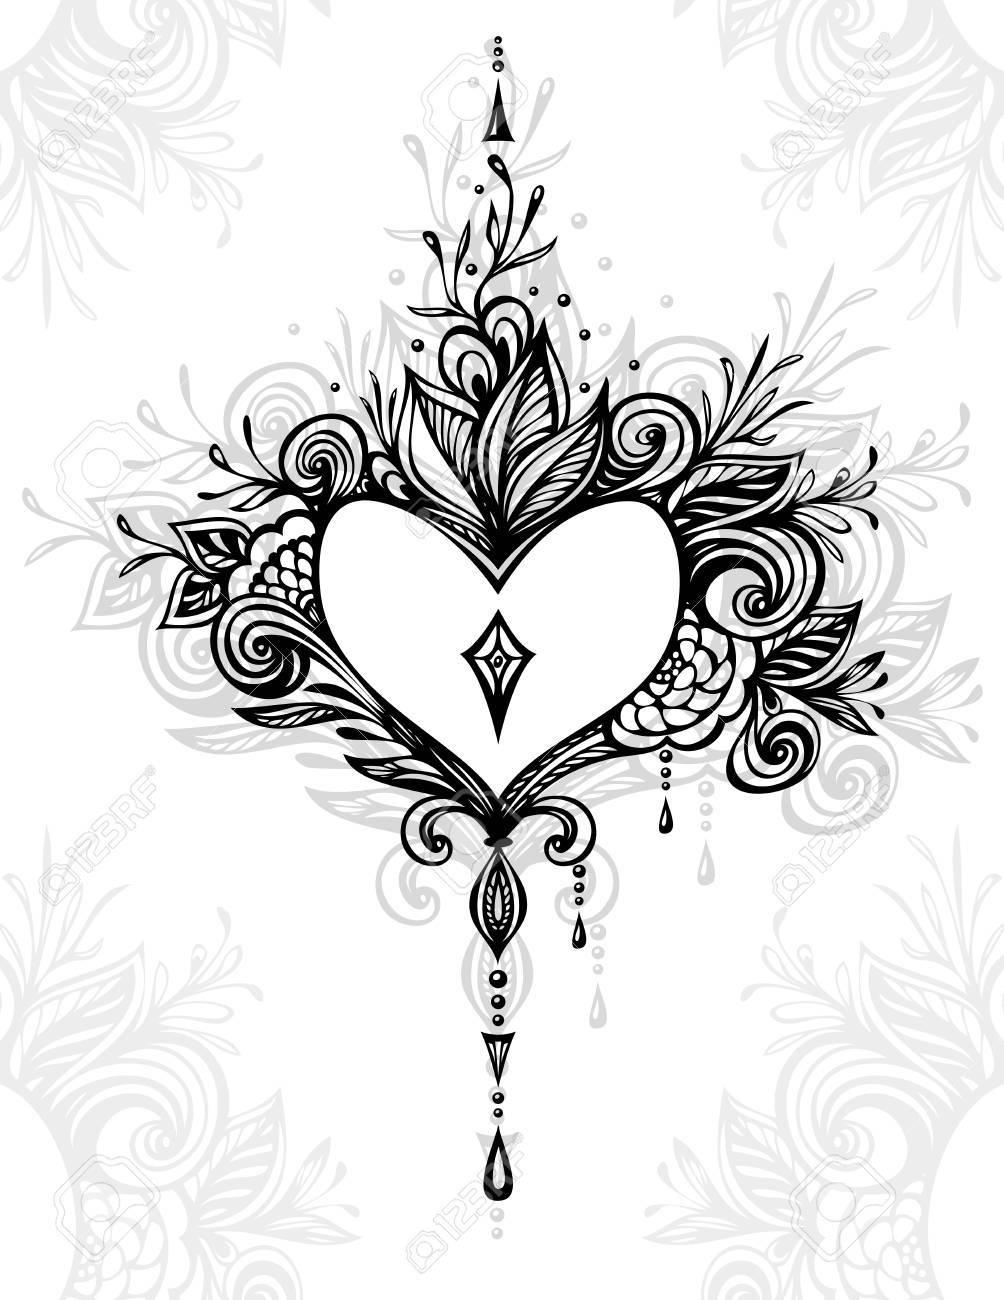 Handgefertigte Zentangle Herz Mit Blumen Im Boho Stil Für Tattoo